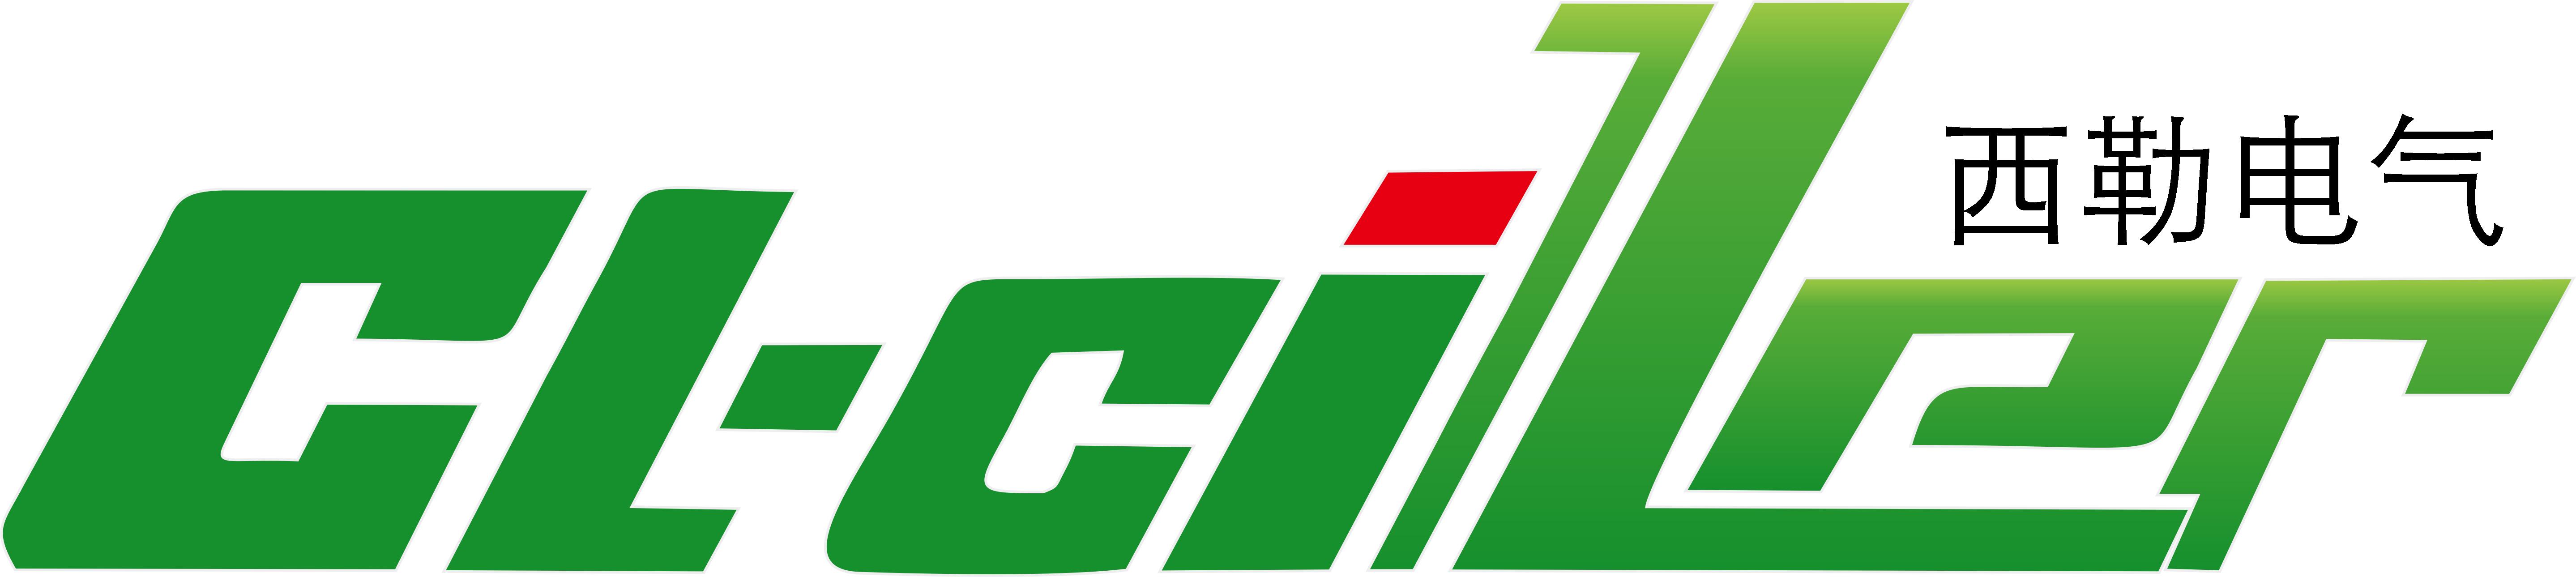 深圳市西勒實業發展有限公司